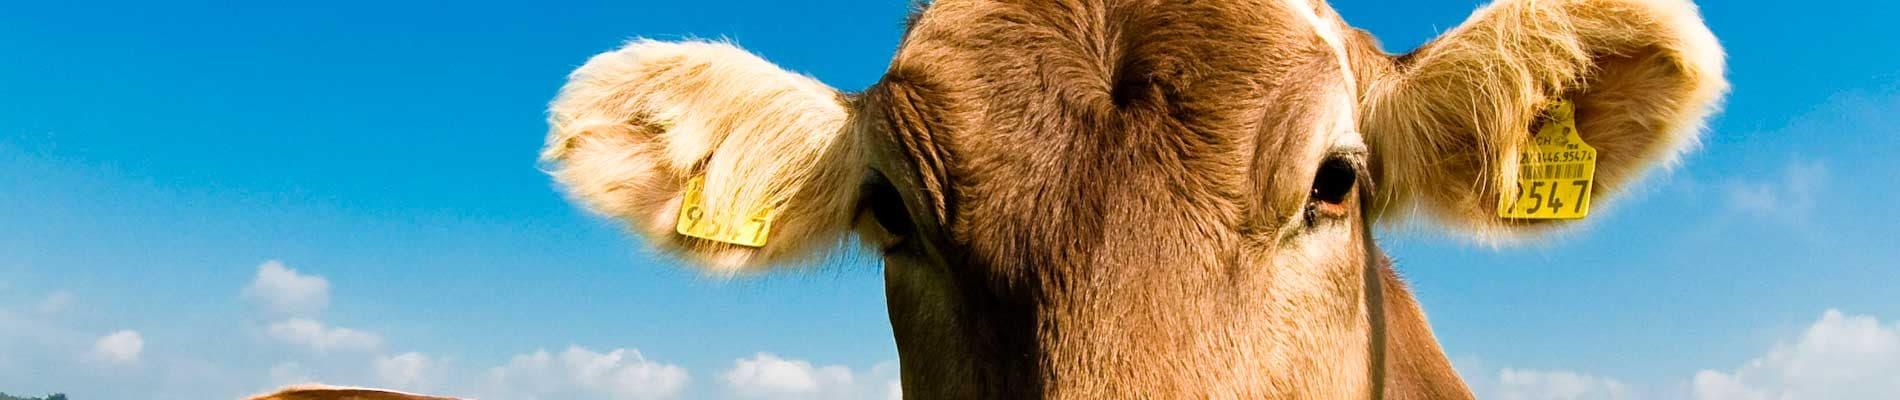 Fattorie e industrie agricole e zootecniche